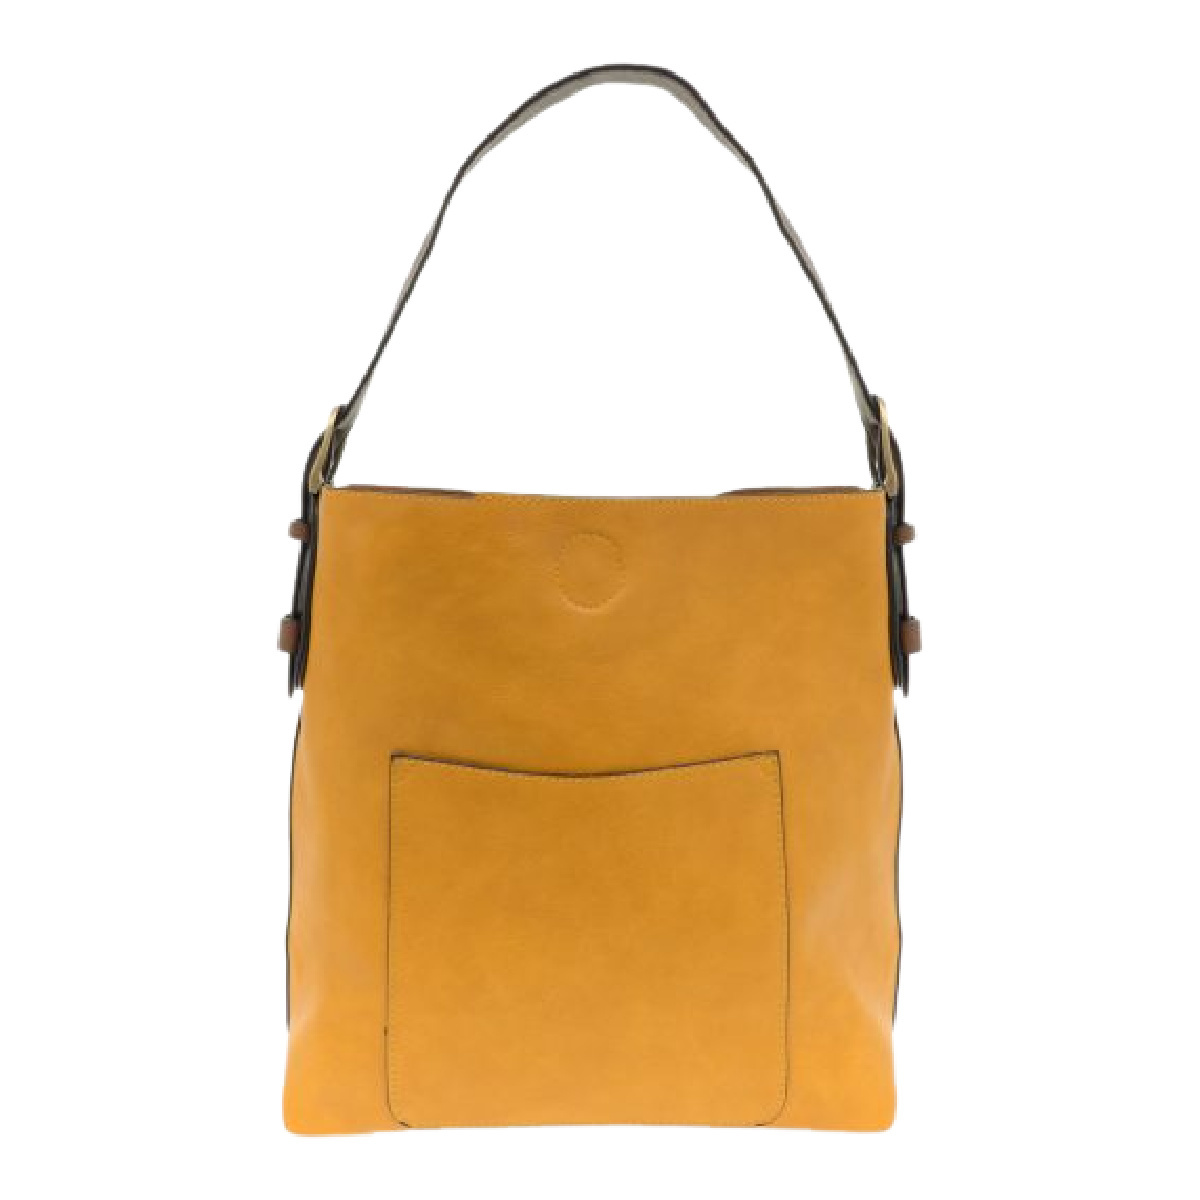 Joy Susan Joy Susan Classic Hobo Handbag Tuscan